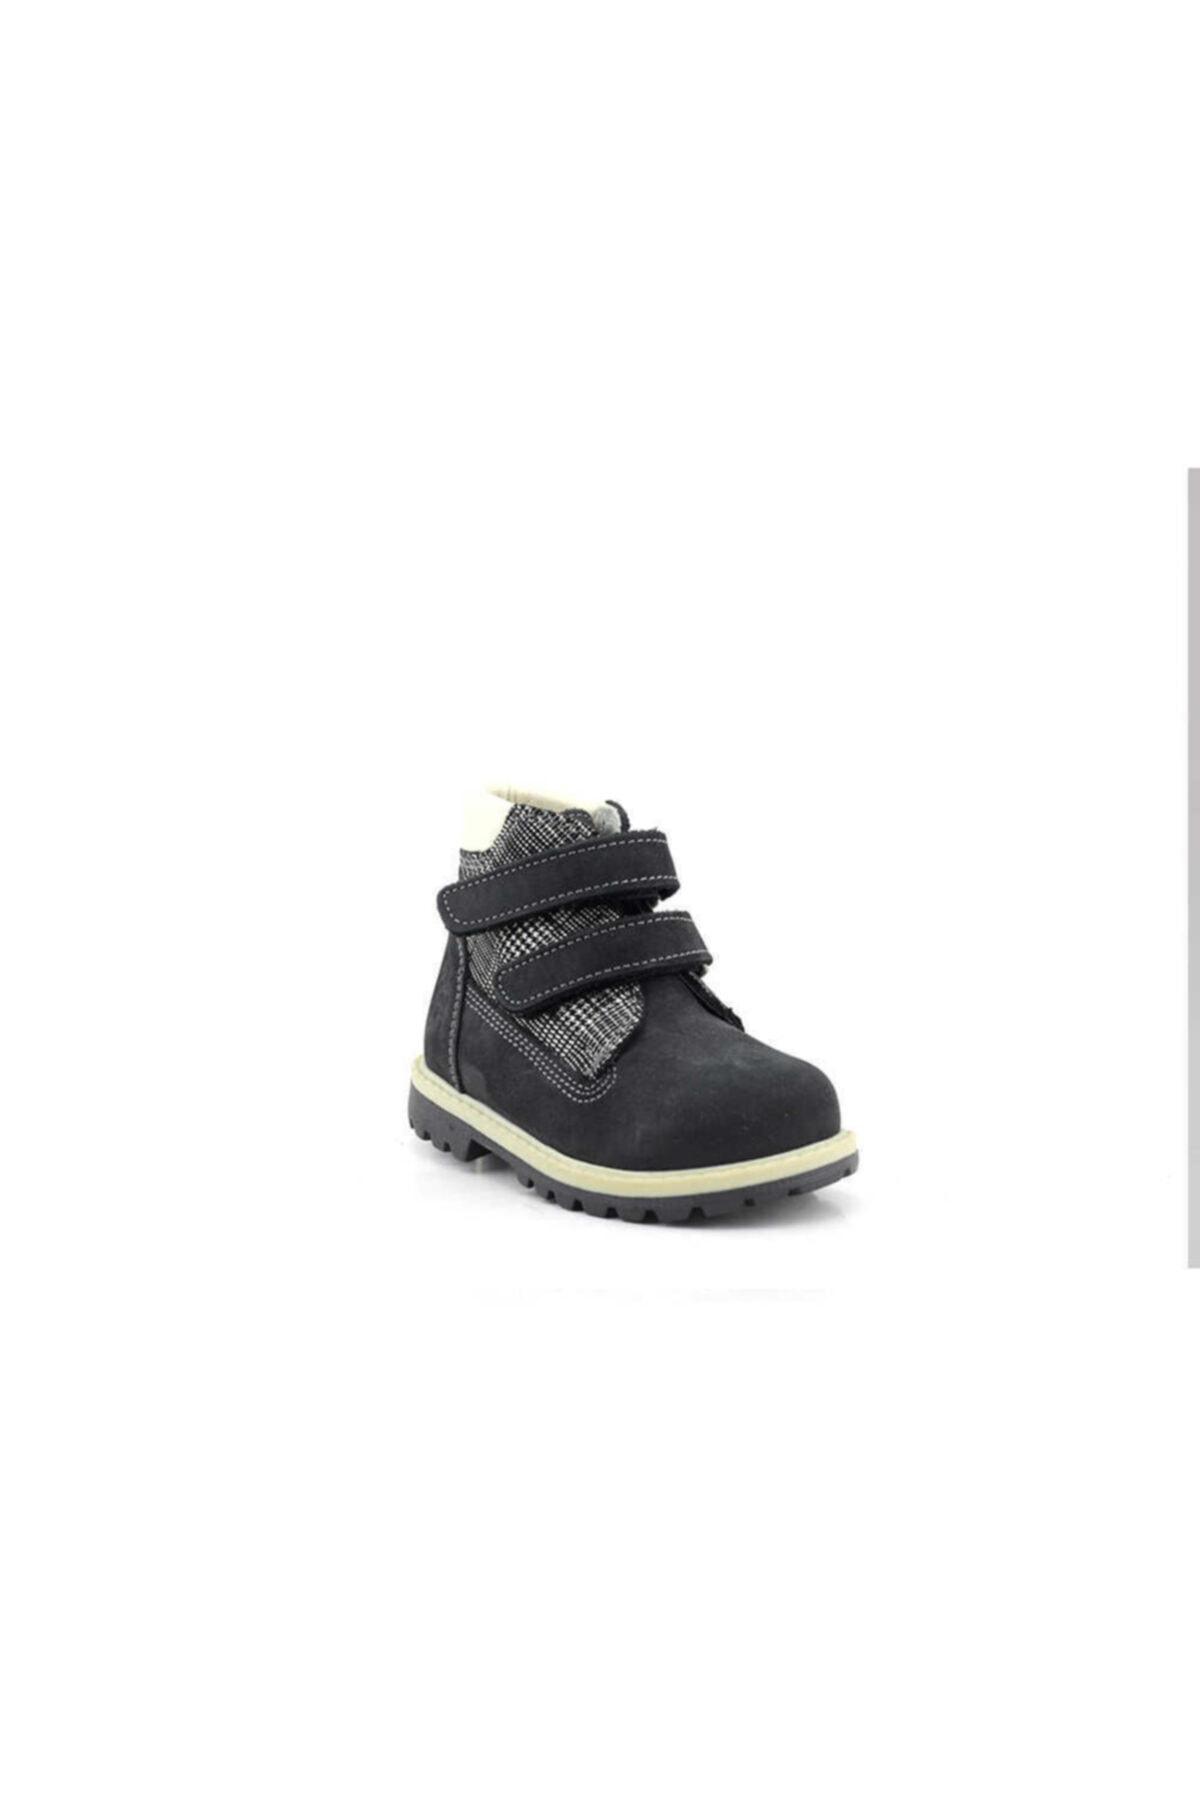 Toddler B5001 Hakiki Deri Bebek Botu-nubuk Siyah Kamuflaj 2